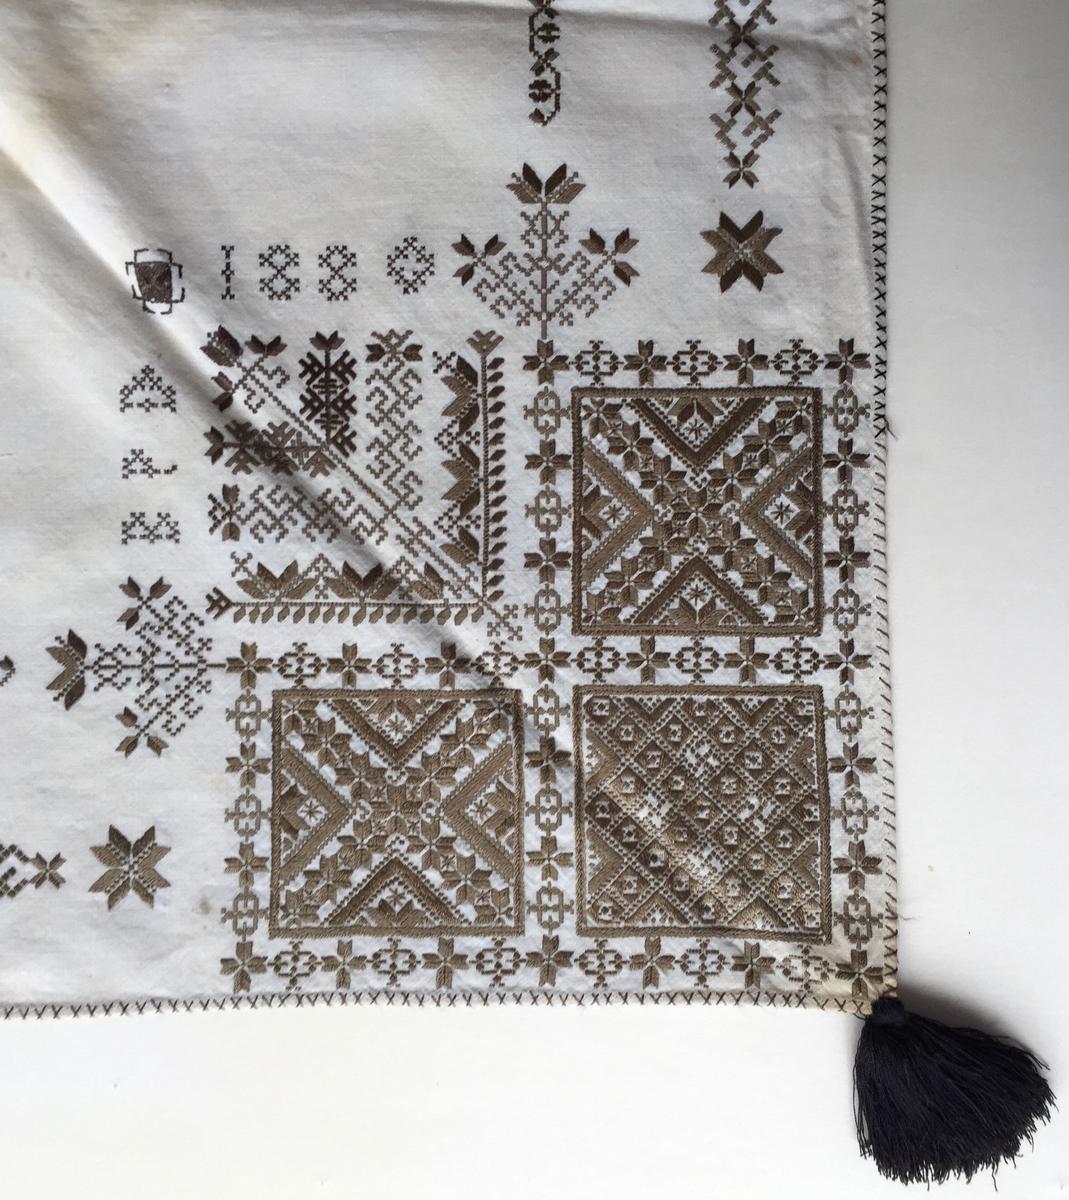 Geometriskt mönster med blomsterliknande former i kvadraterna på ryggsnibb och framsnibbar. Två bårder, blomsterranksliknande mellan ryggsnibb och framsnibbar. På framsnibbarna en oval dekoration. Spiran på ryggsnibben har en fyrkantig form. Sju ornament.